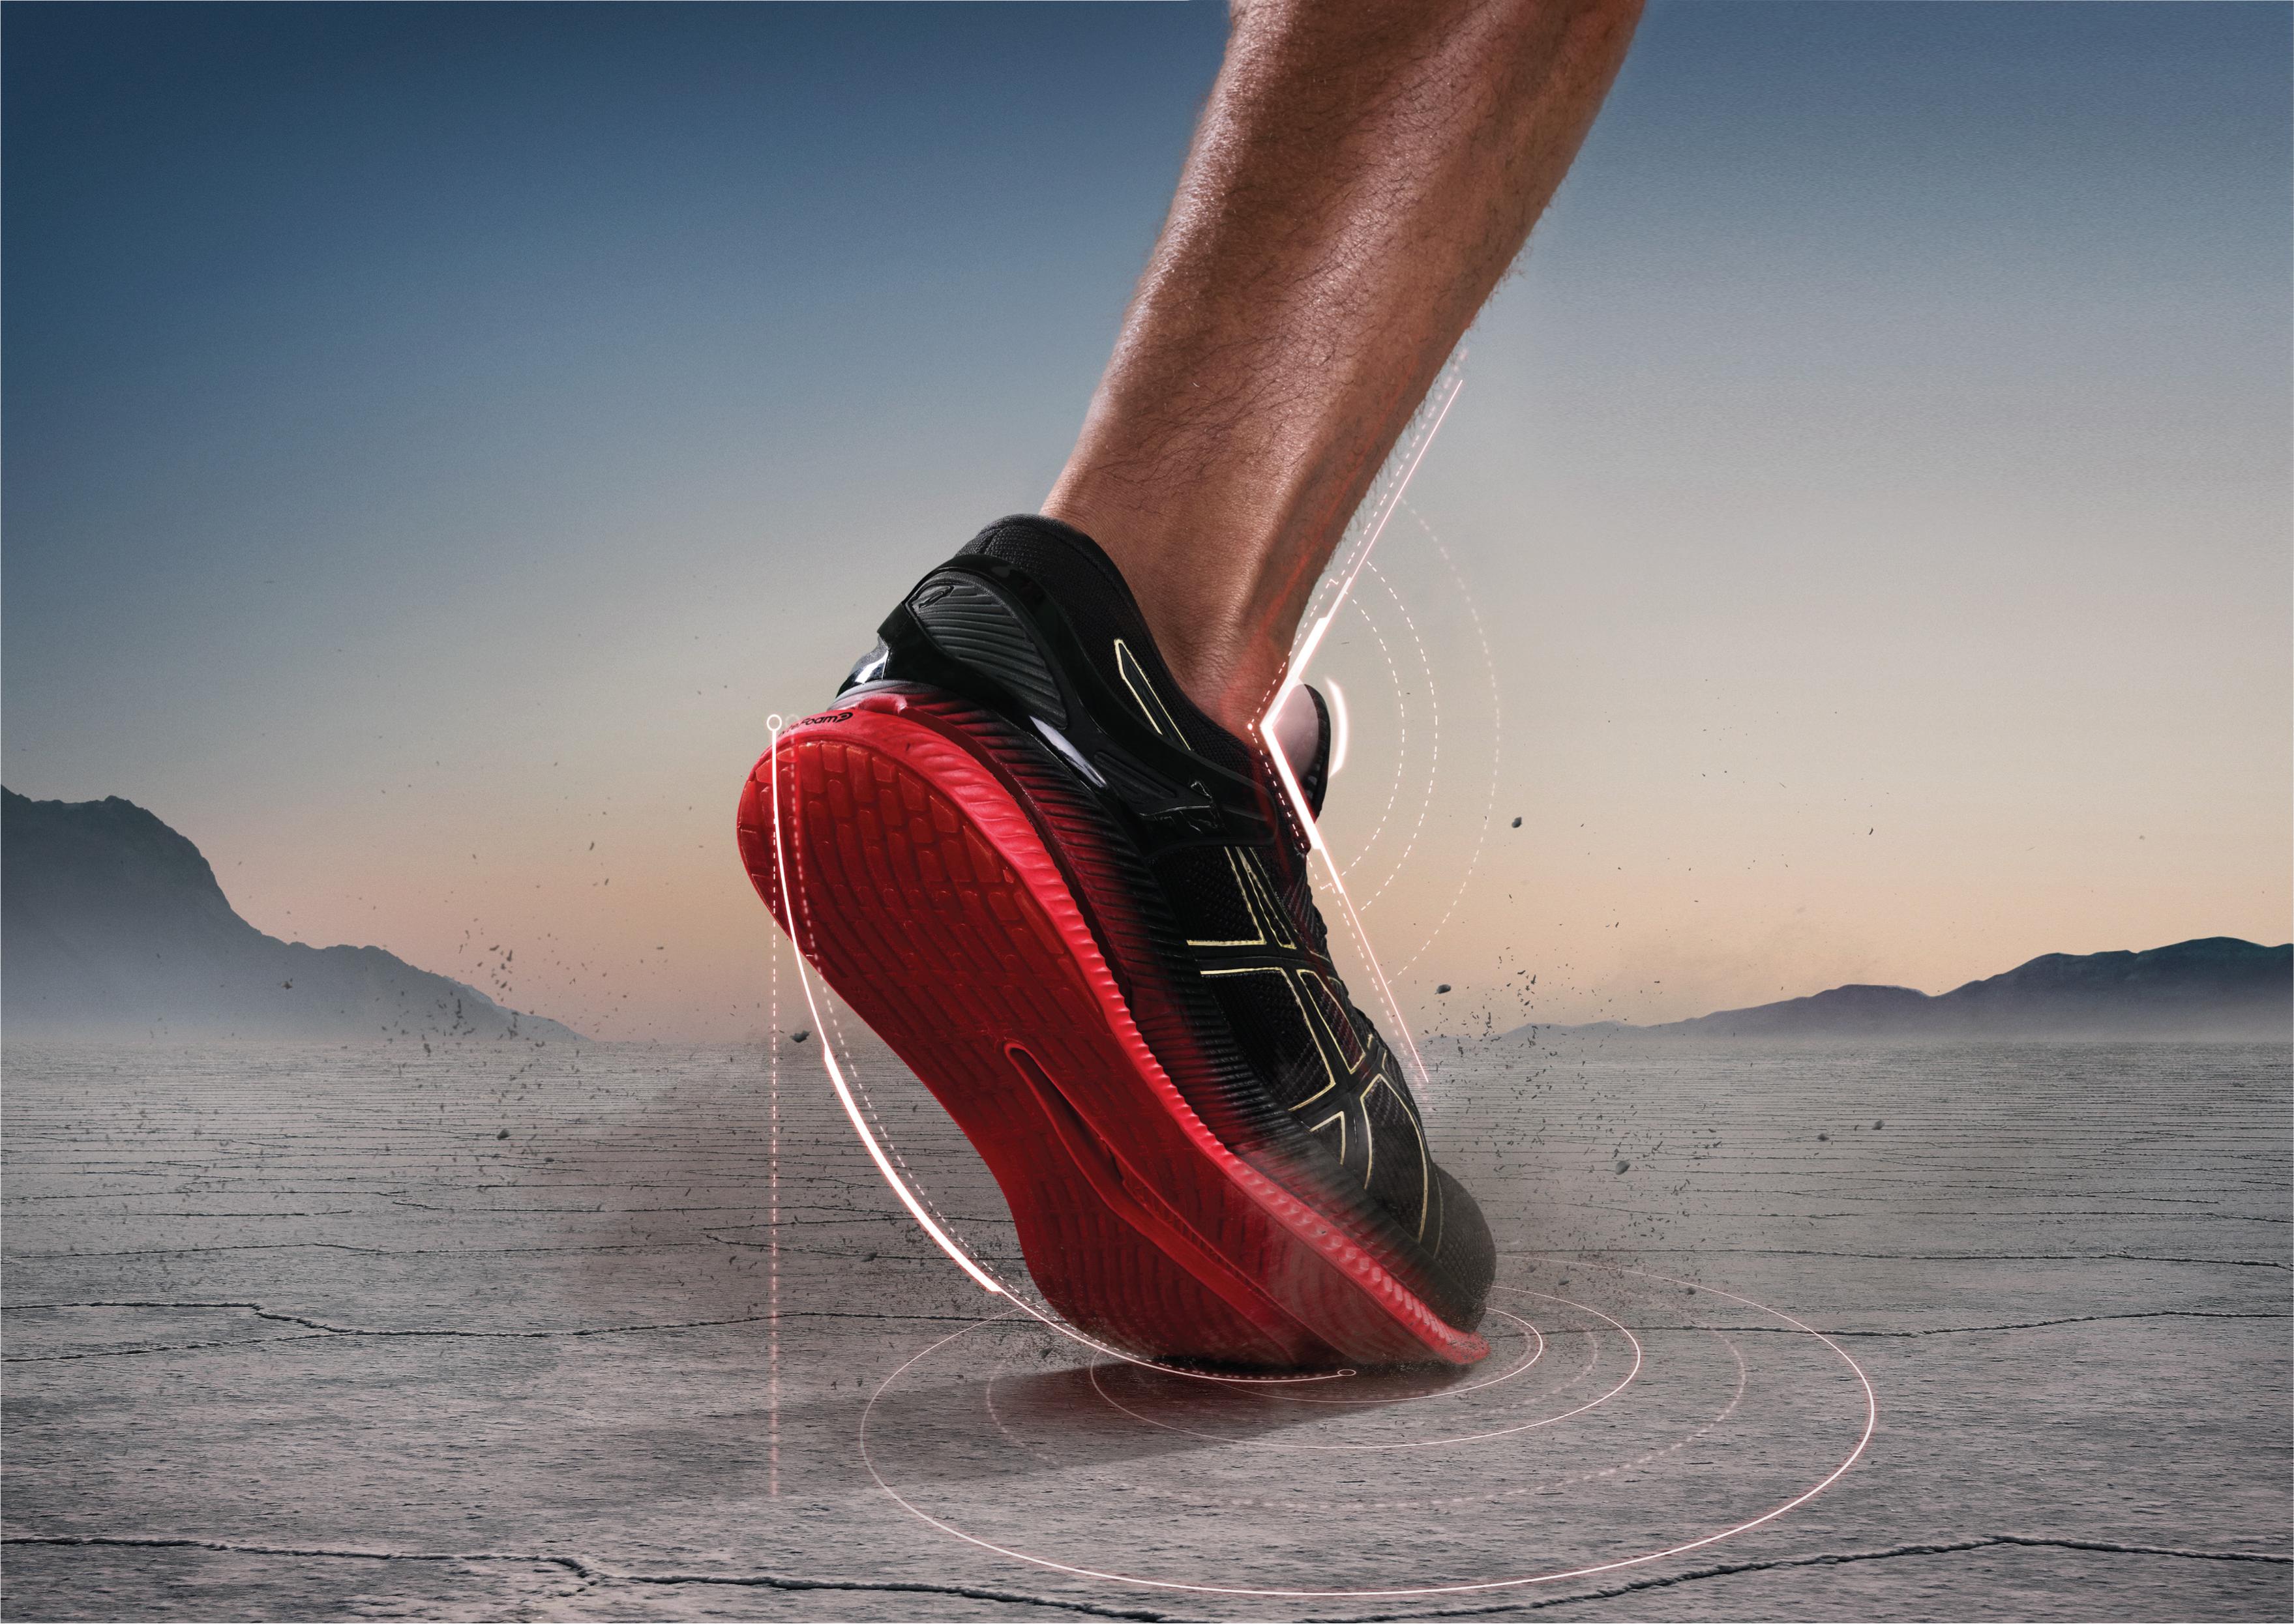 ASICS亚瑟士革命性鞋款METARIDE瞩目首发 重新定义专业长跑体验